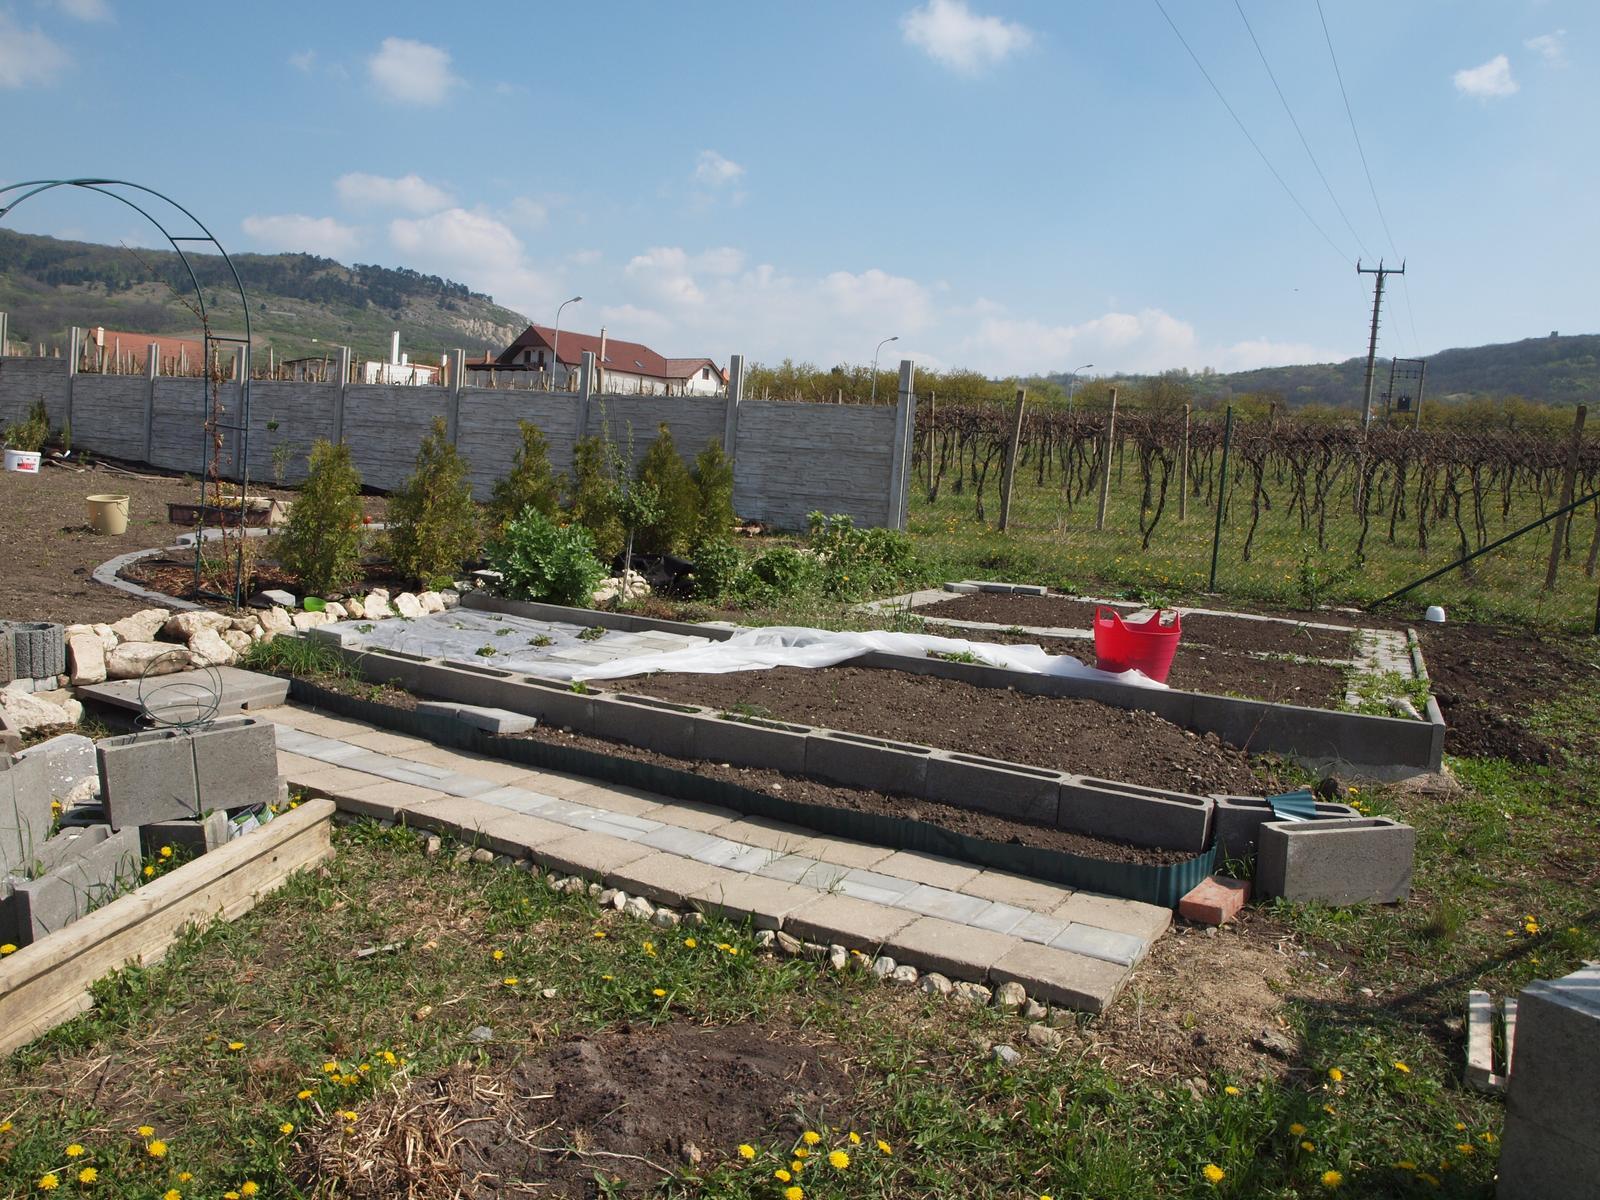 Zahrada - ještě protáhnu chodníček a zavezu hlínou zbytek záhonku